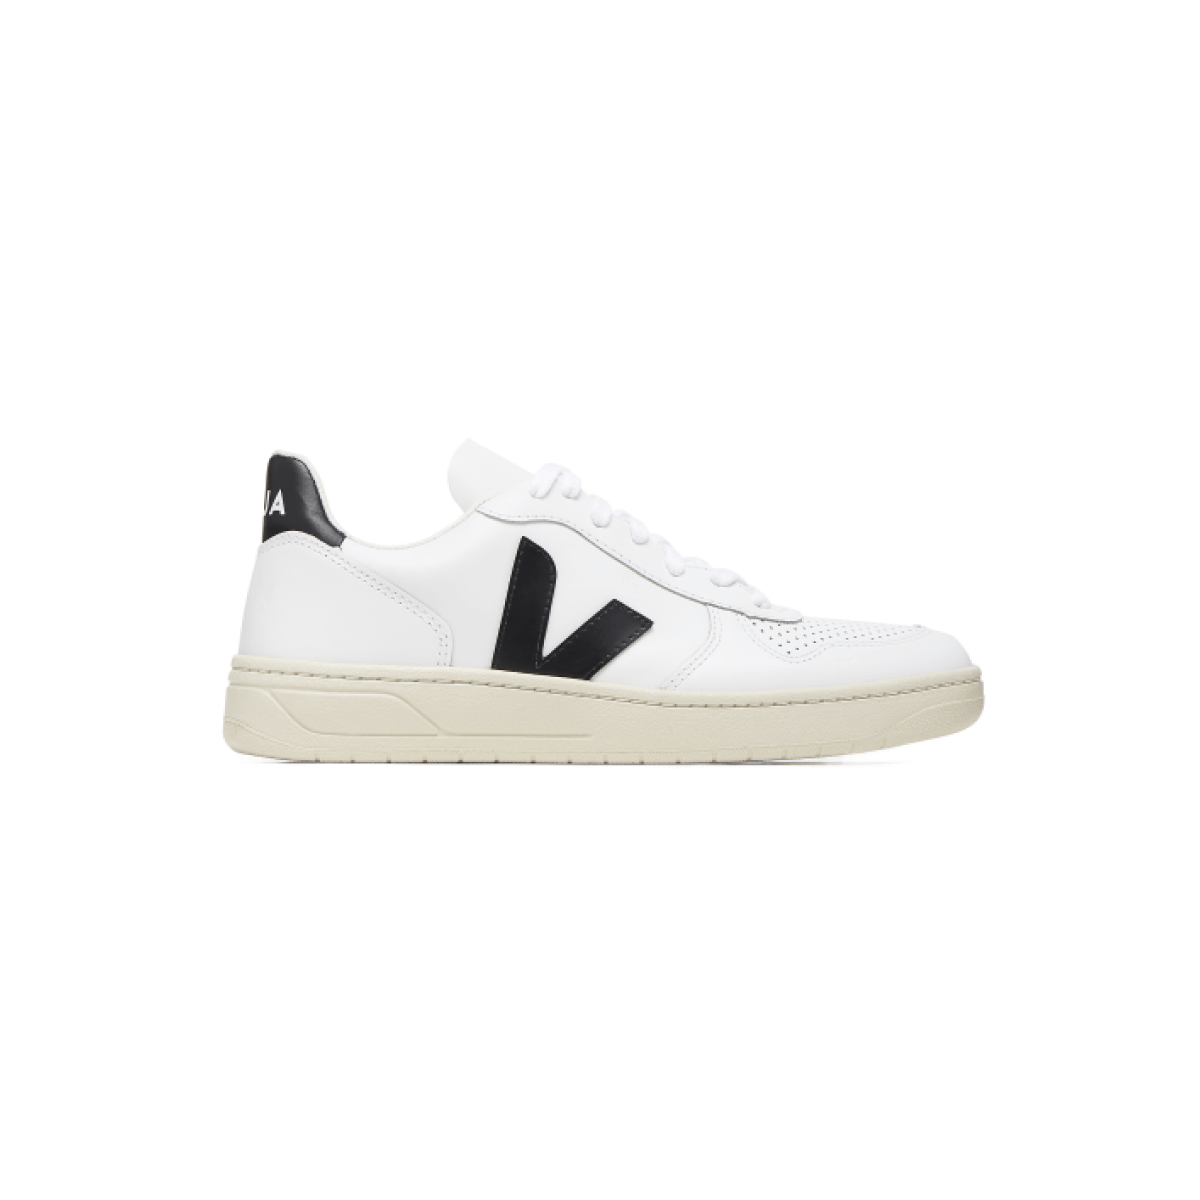 Veja Men's V-10 Sneakers